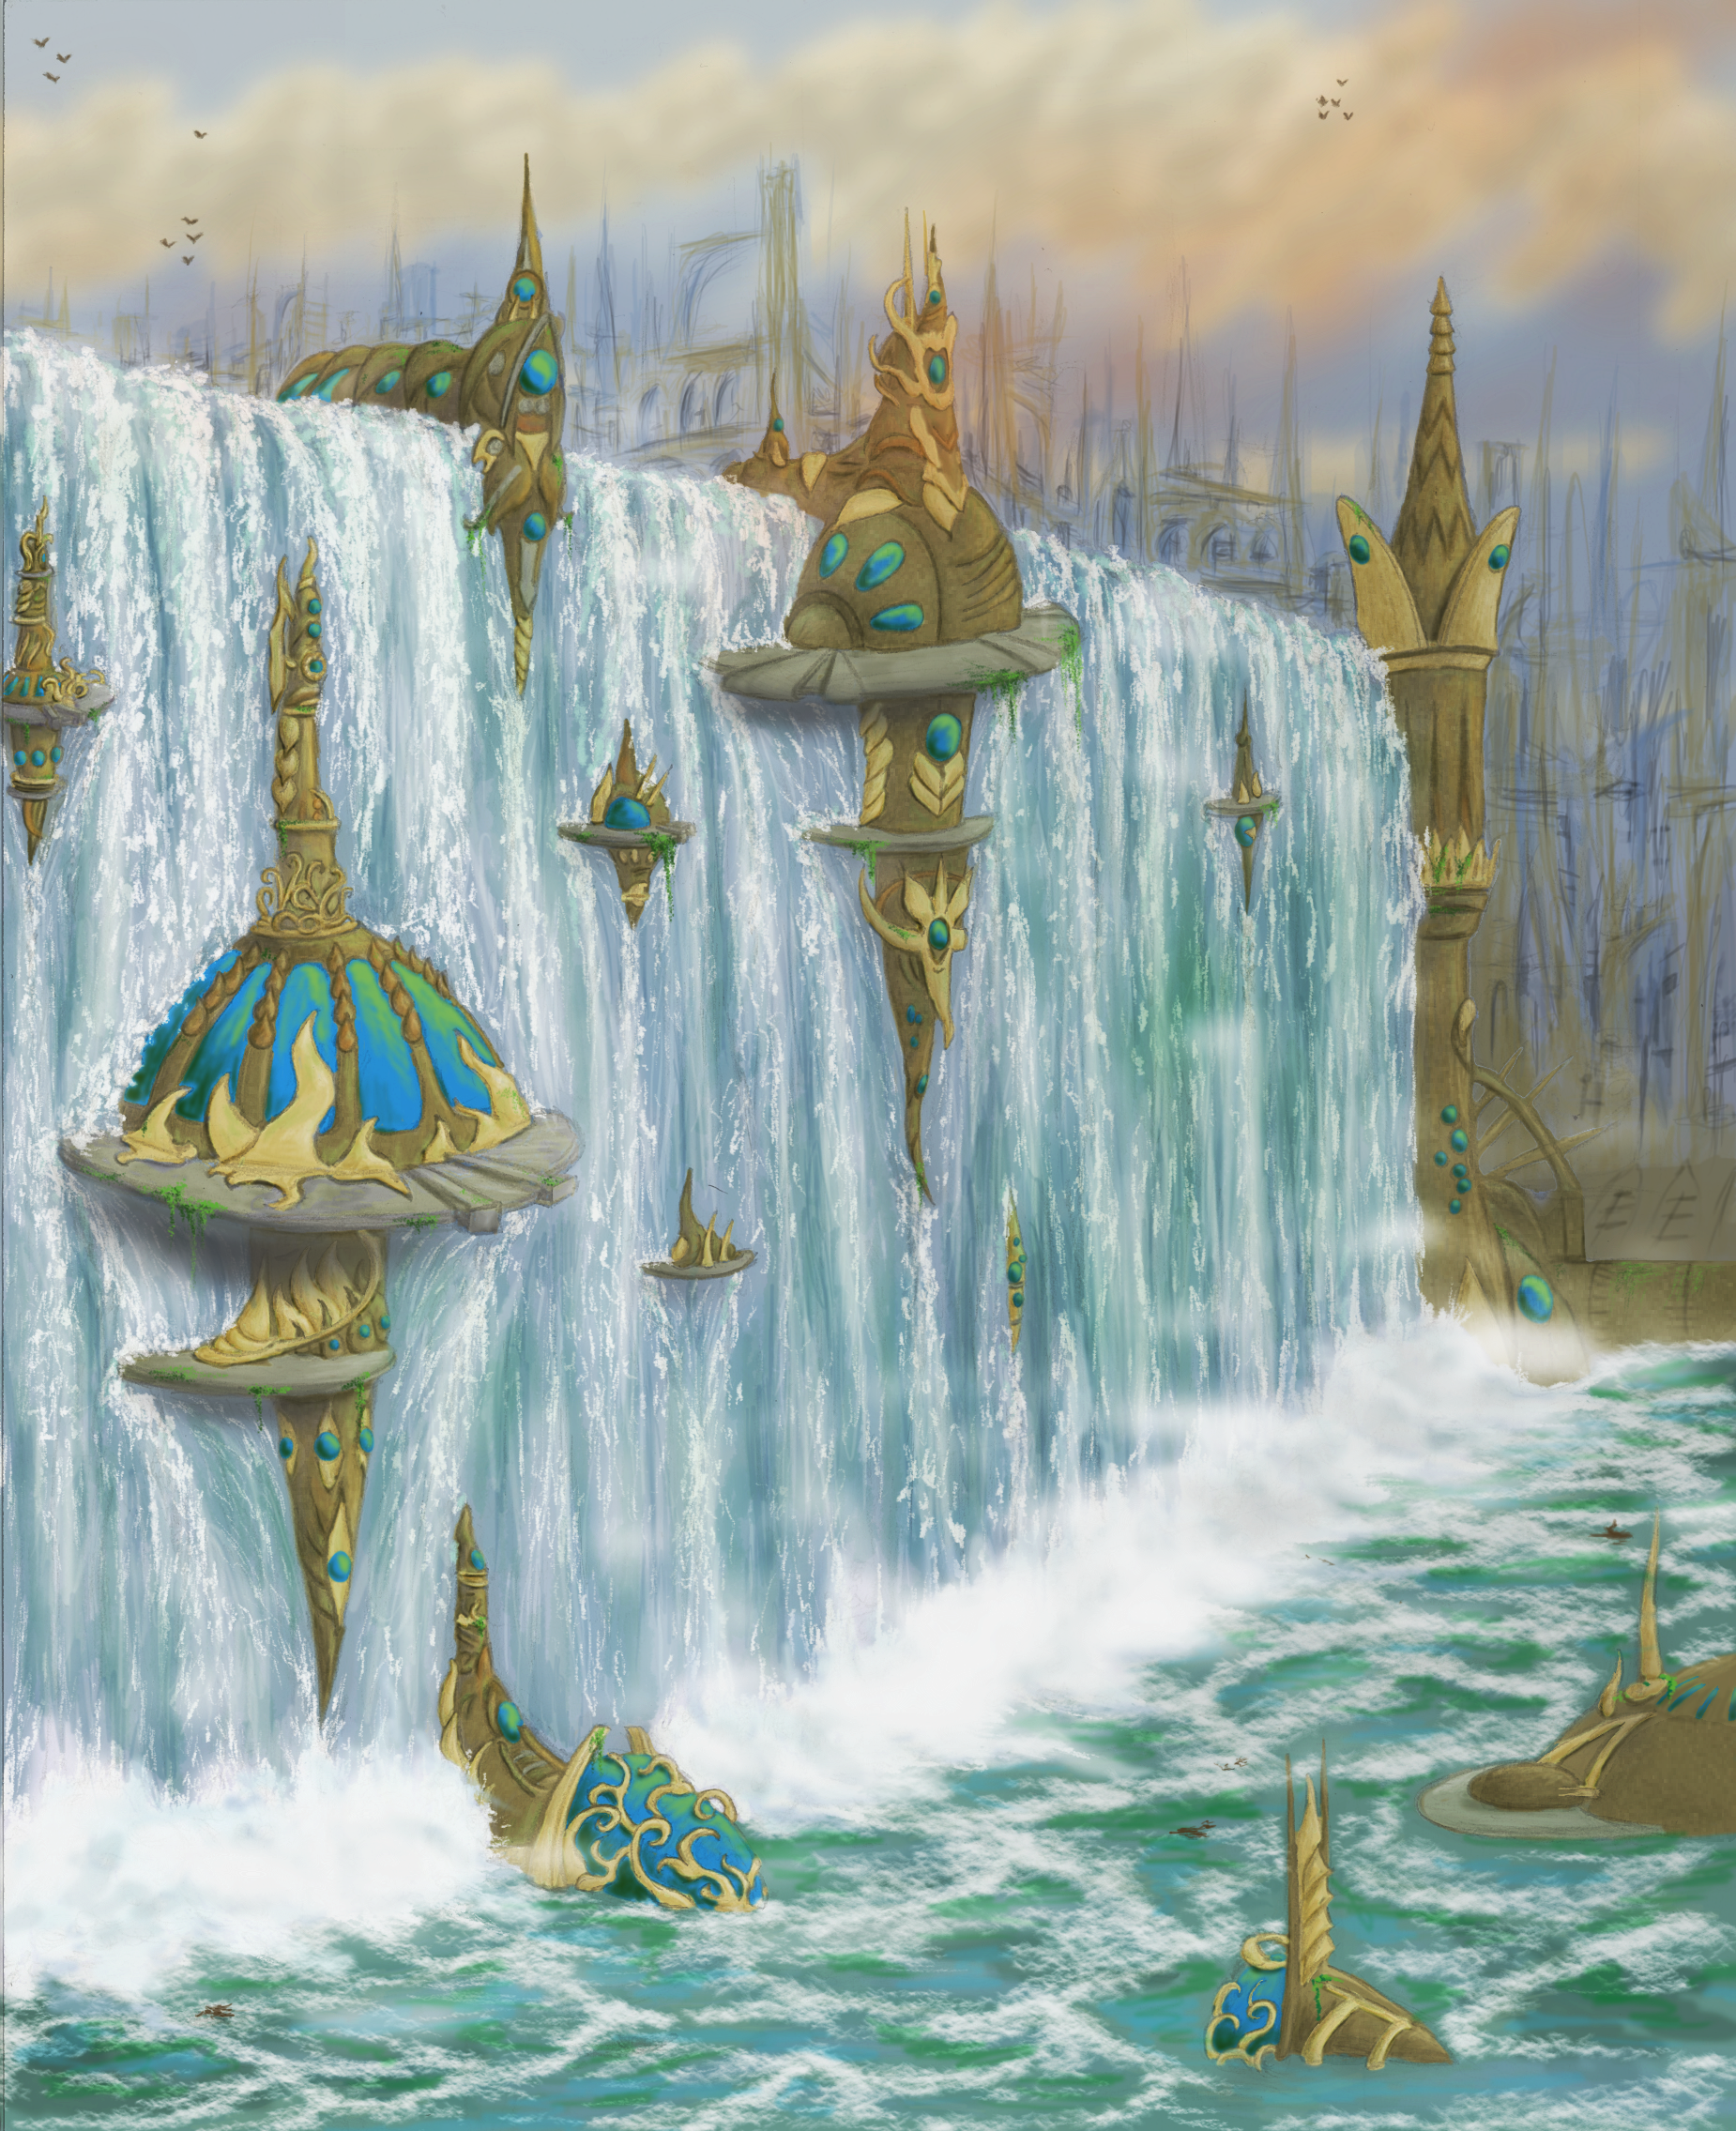 Simic Style Island By Narset On Deviantart